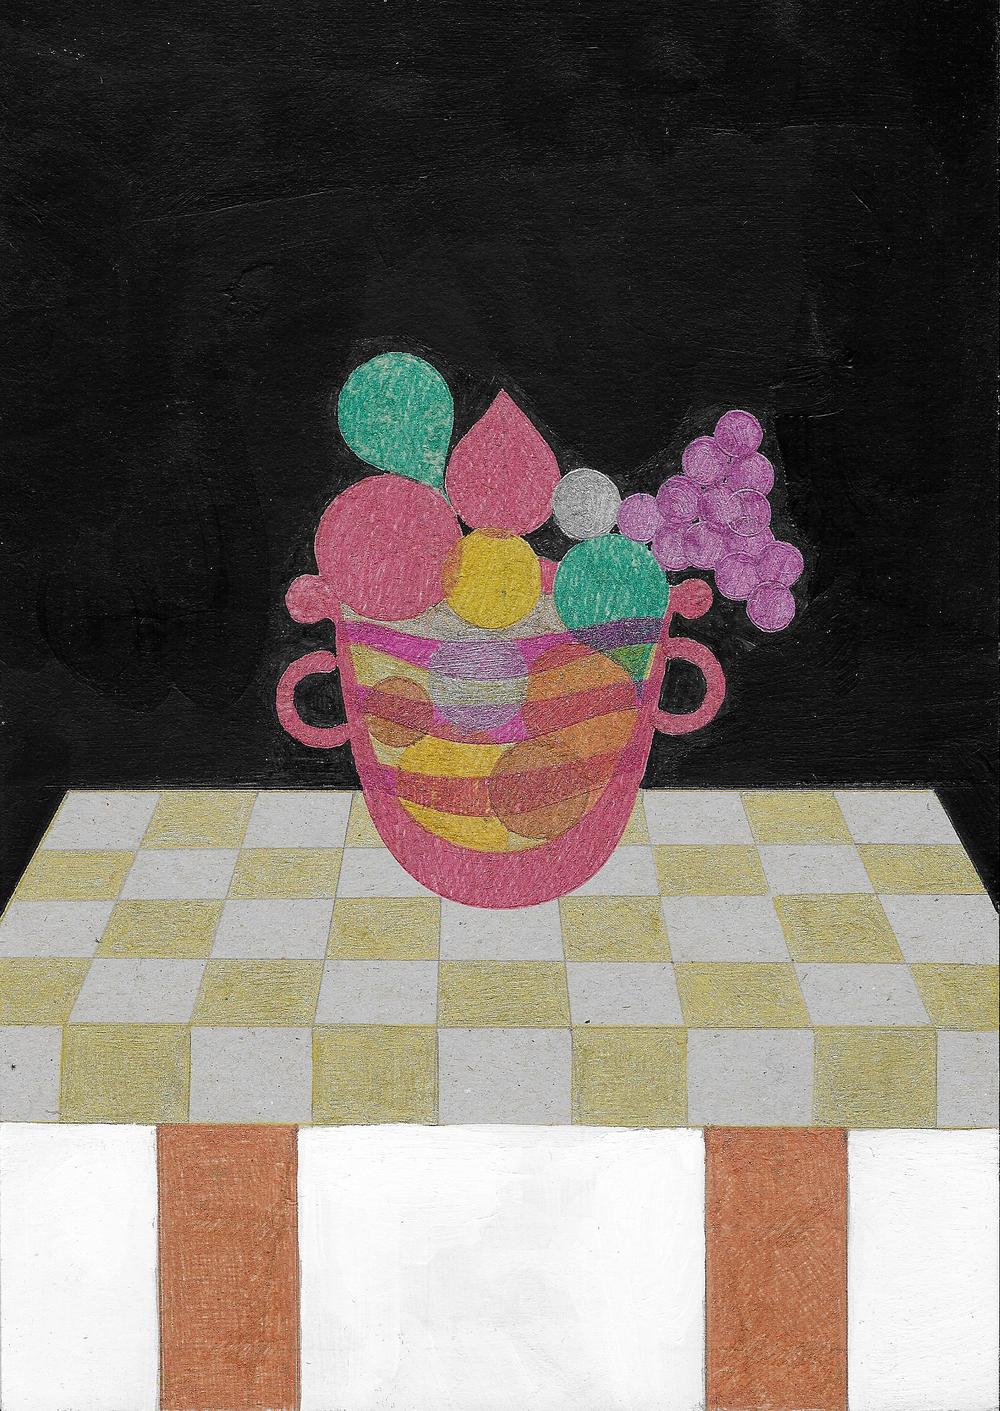 Vaso con frutta   Tecnica mista su cartoncino grigio  26x36 cm  2016